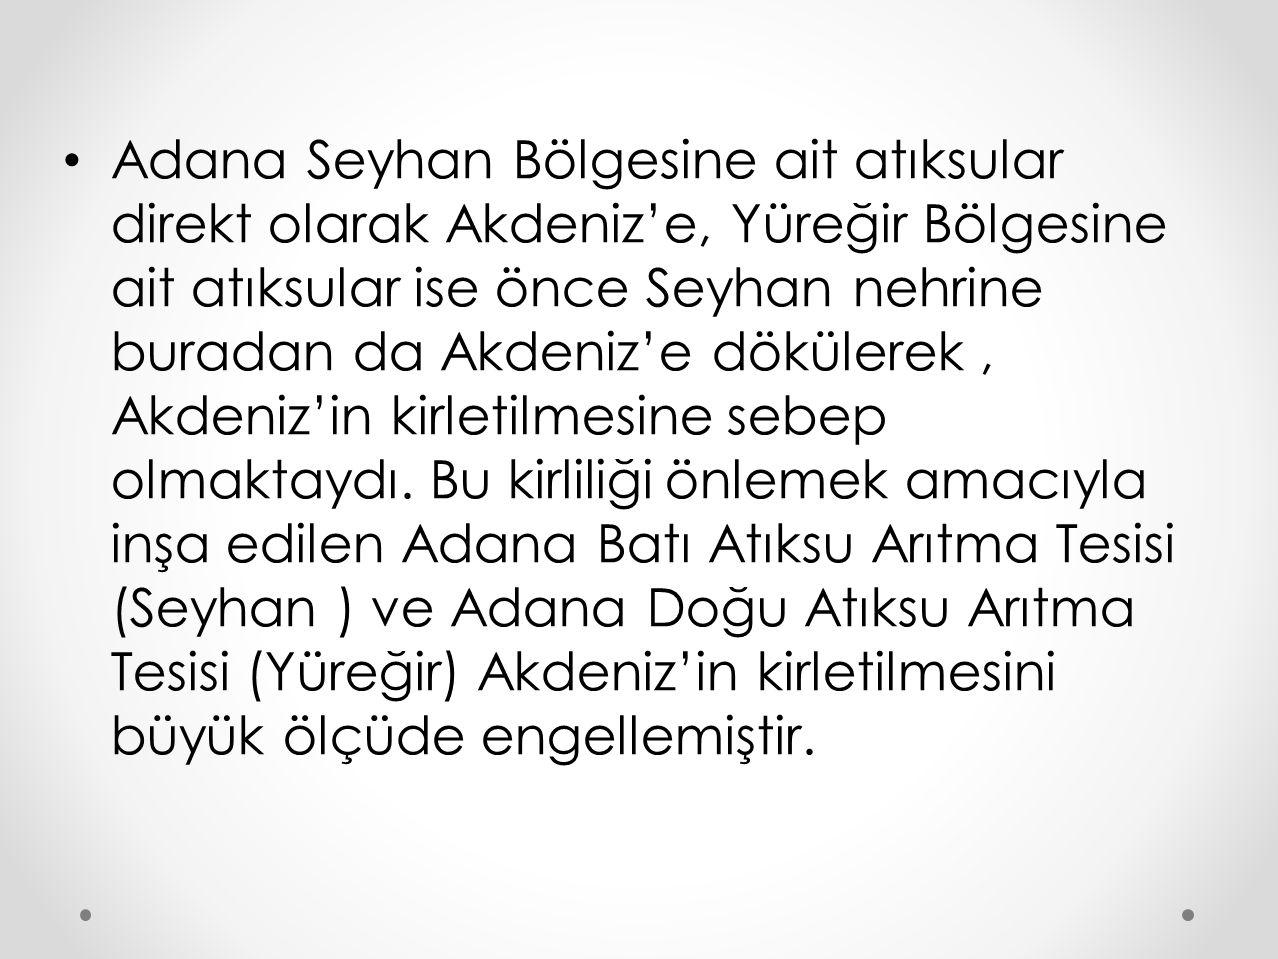 Adana Seyhan Bölgesine ait atıksular direkt olarak Akdeniz'e, Yüreğir Bölgesine ait atıksular ise önce Seyhan nehrine buradan da Akdeniz'e dökülerek , Akdeniz'in kirletilmesine sebep olmaktaydı.